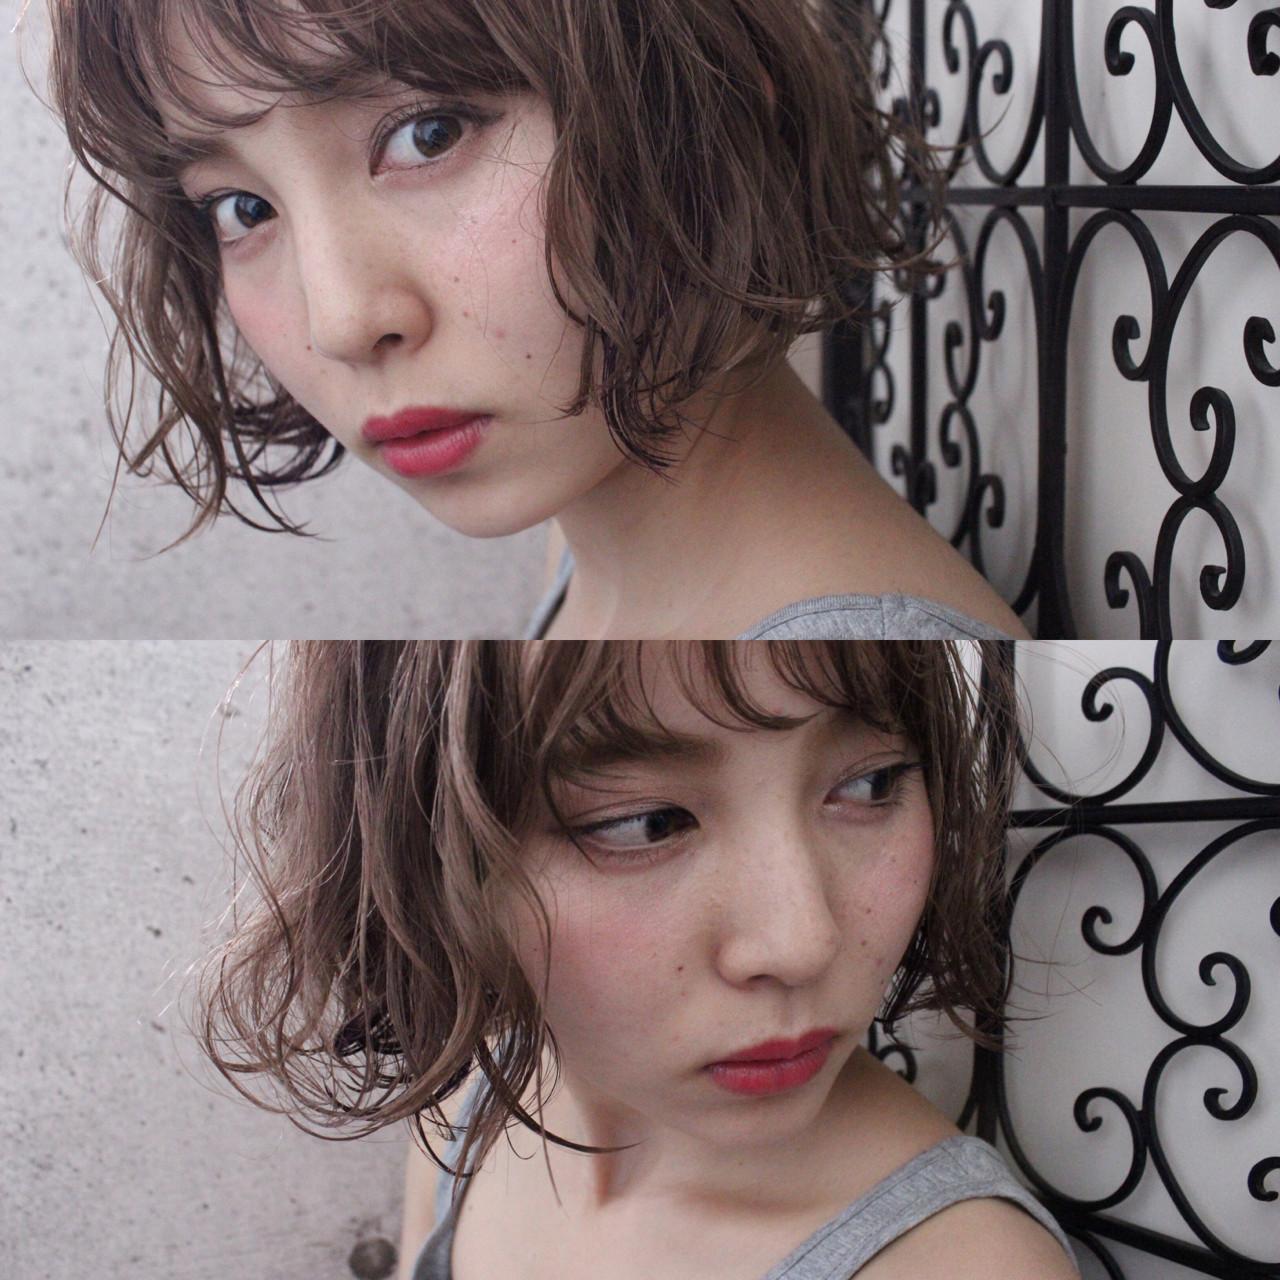 ニュアンス 色気 ウェーブ ボブ ヘアスタイルや髪型の写真・画像